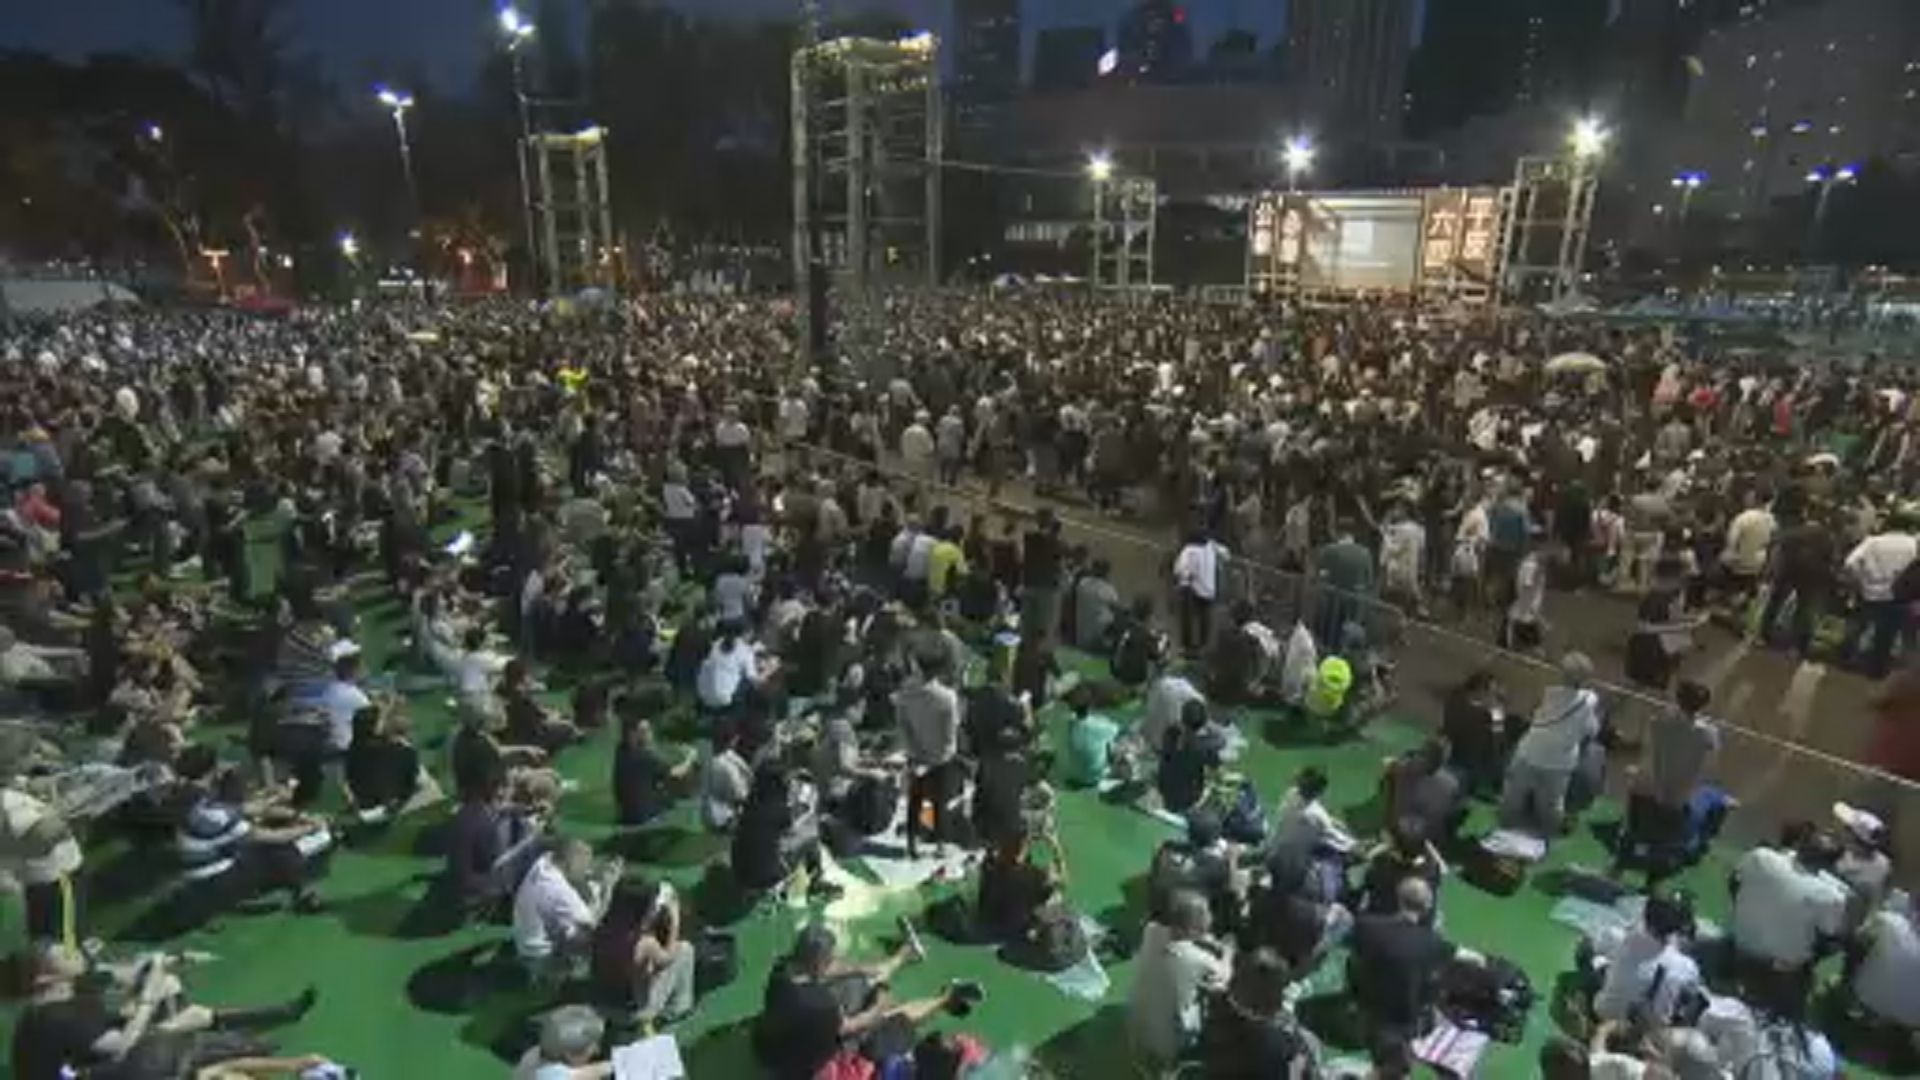 【六四晚會】人群佔滿多個硬地足球場